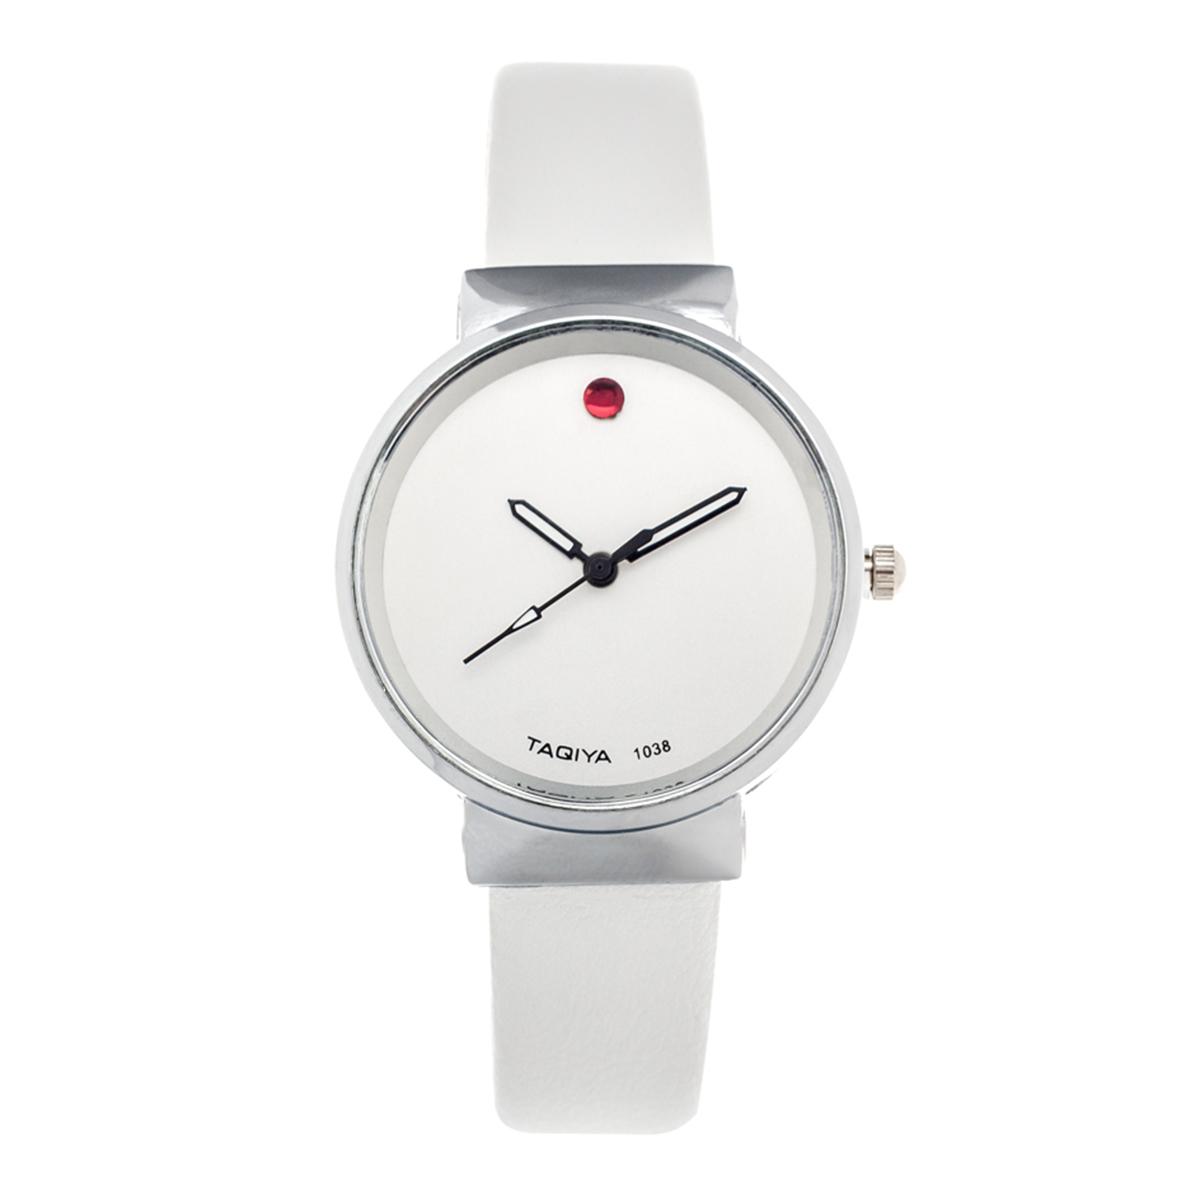 خرید ساعت مچی عقربه ای زنانه تاکیا کد W1081